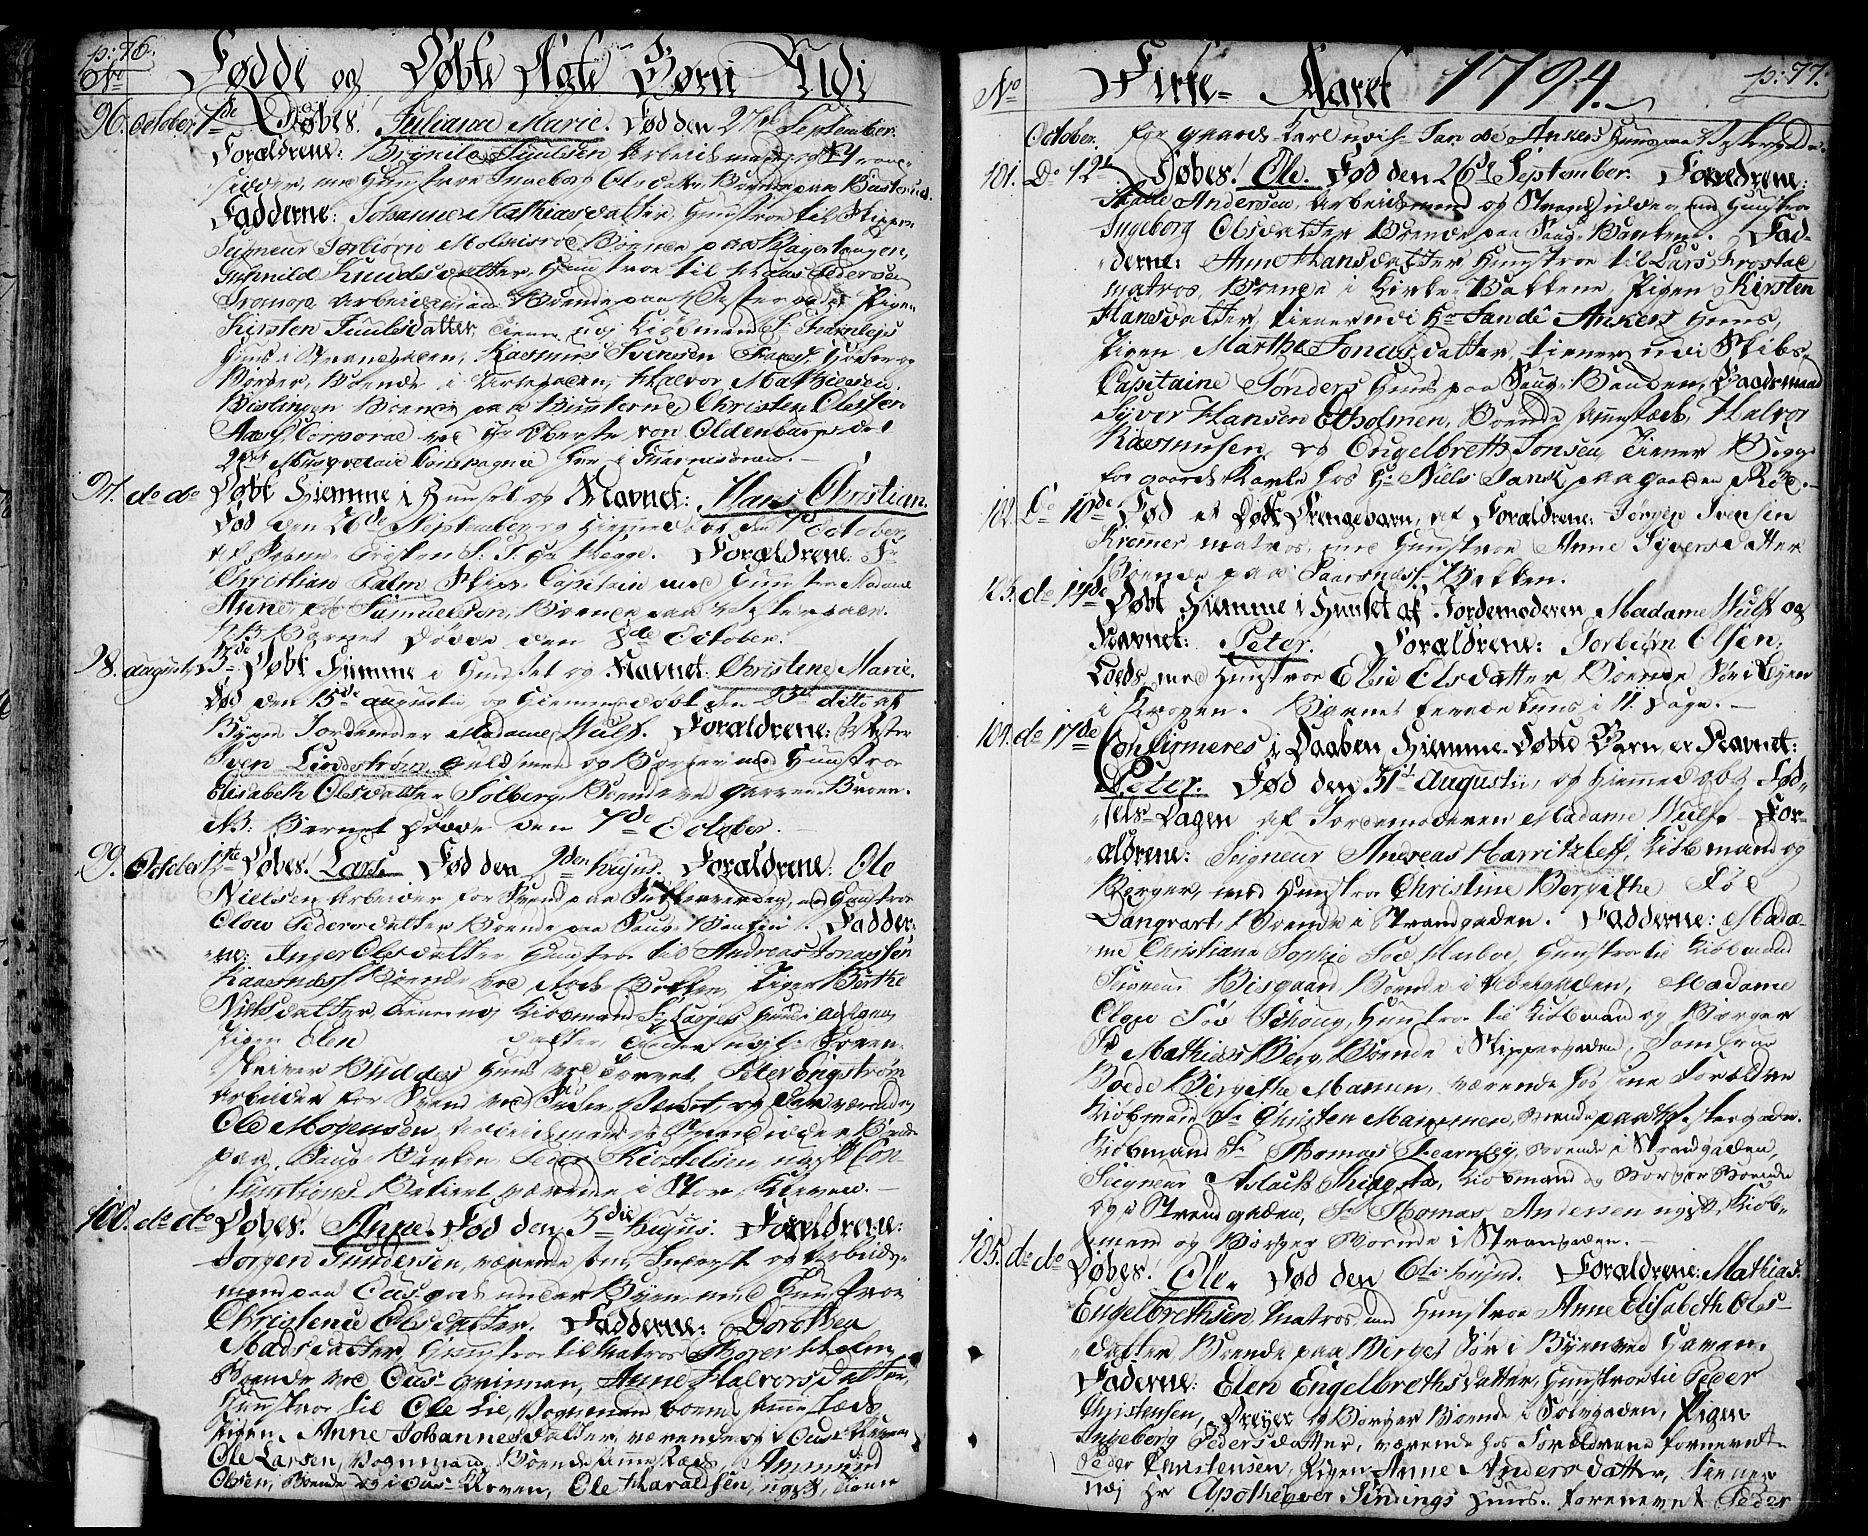 SAO, Halden prestekontor Kirkebøker, F/Fa/L0002: Ministerialbok nr. I 2, 1792-1812, s. 76-77